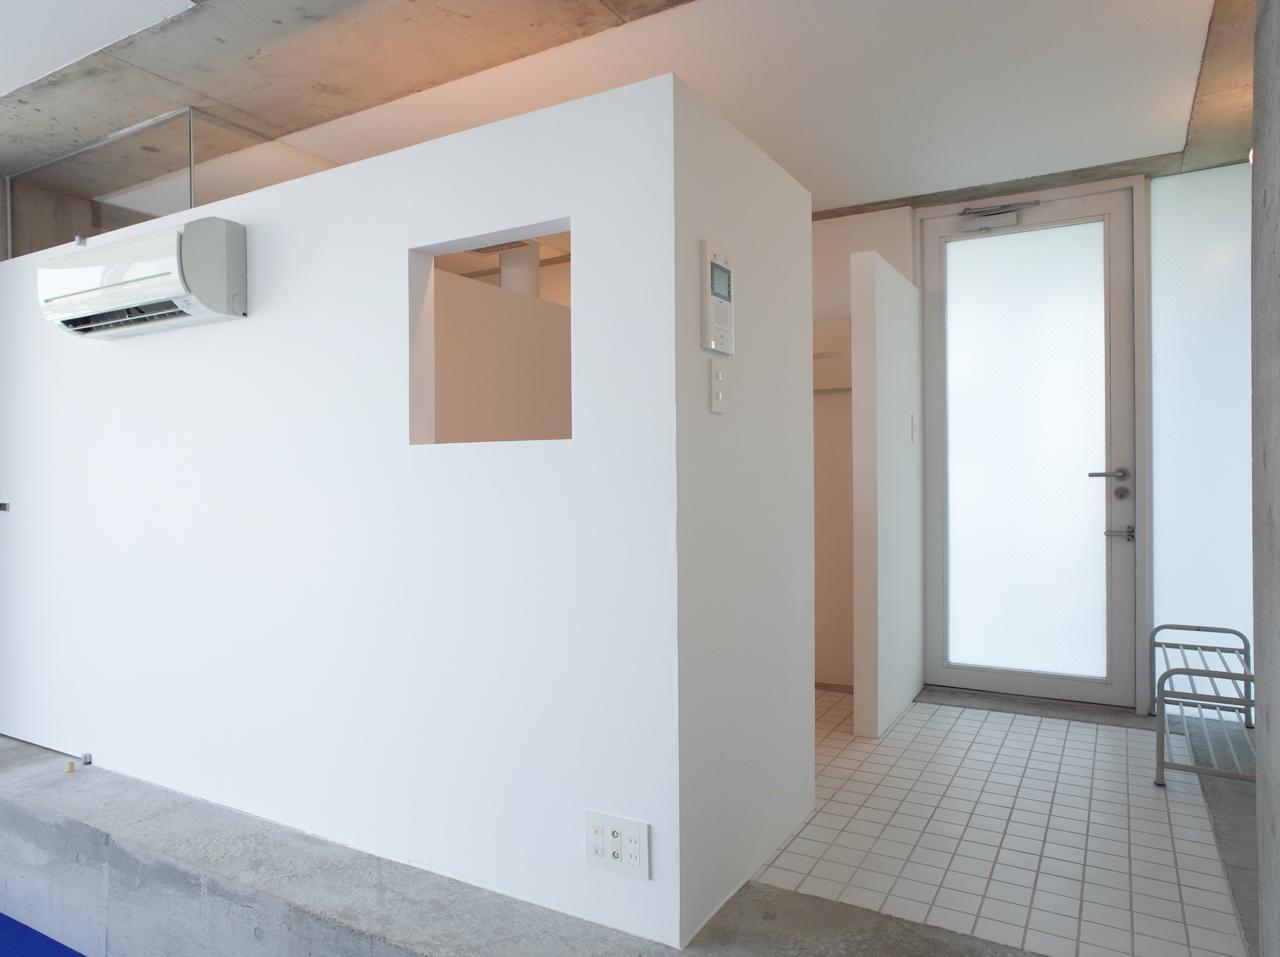 左手の空間は、キッチンや水まわり